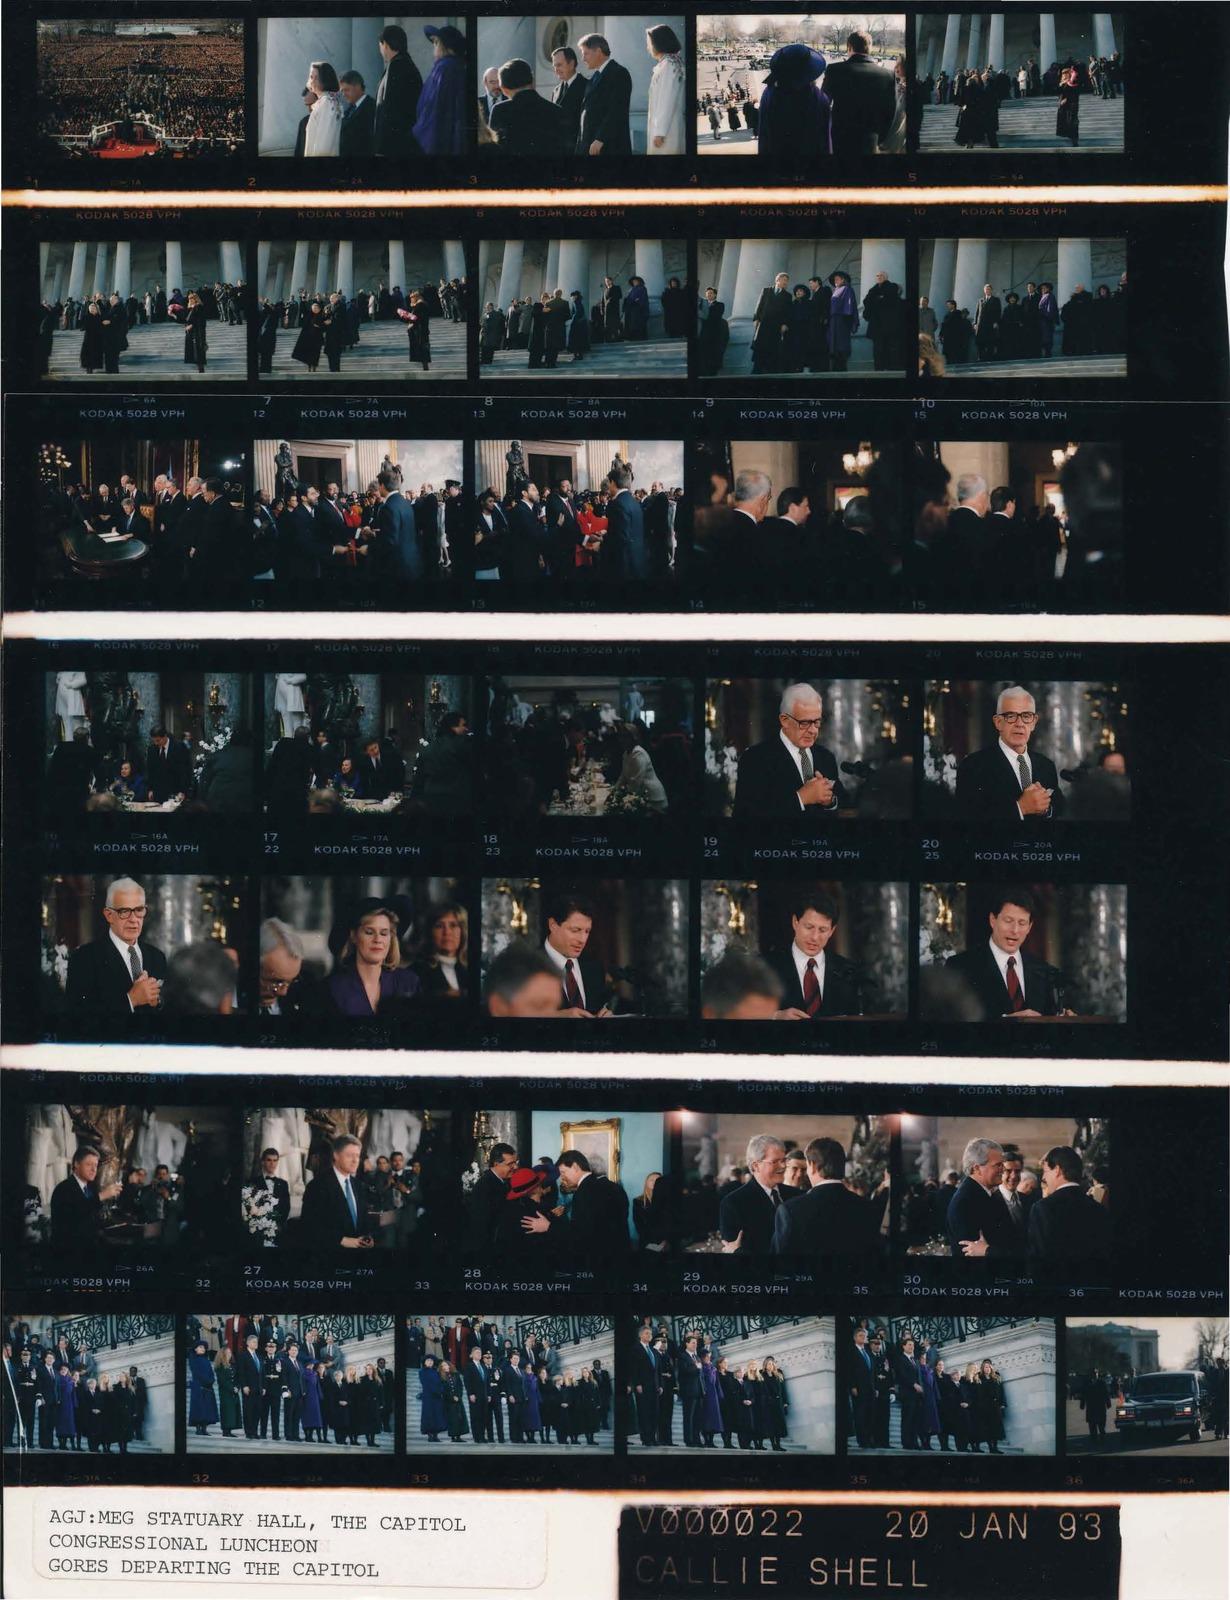 V000022, January 20, 1993